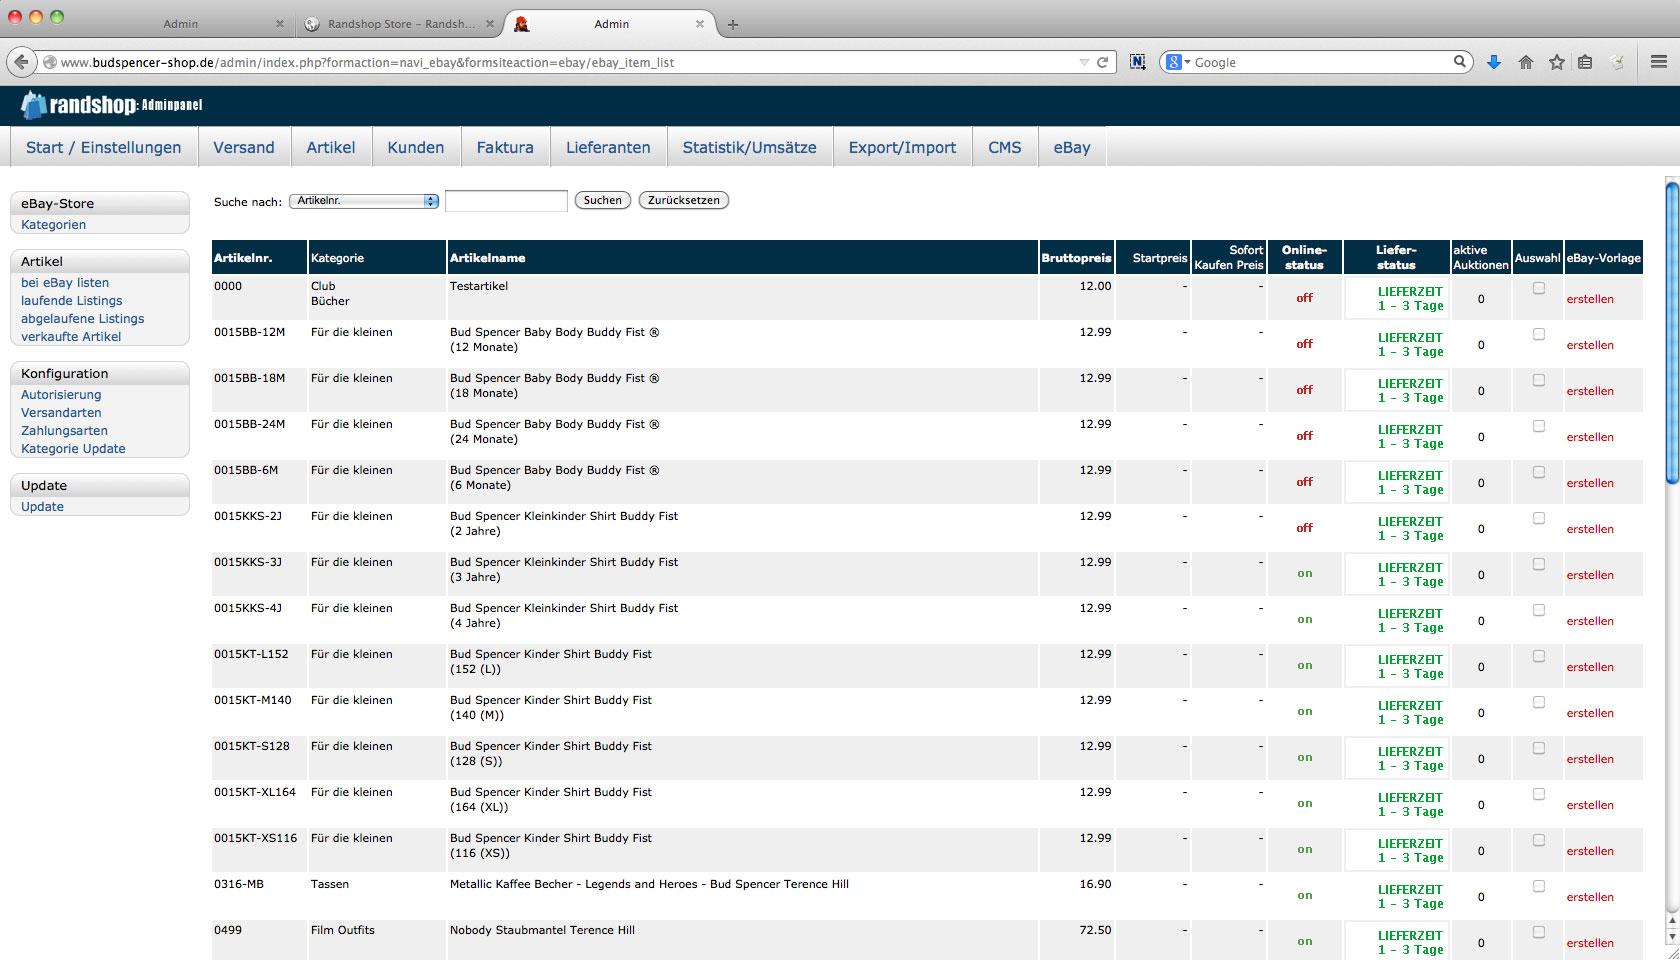 Ebay - Übersicht der Artikel zur Templatevorbereitung oder zum einstellen